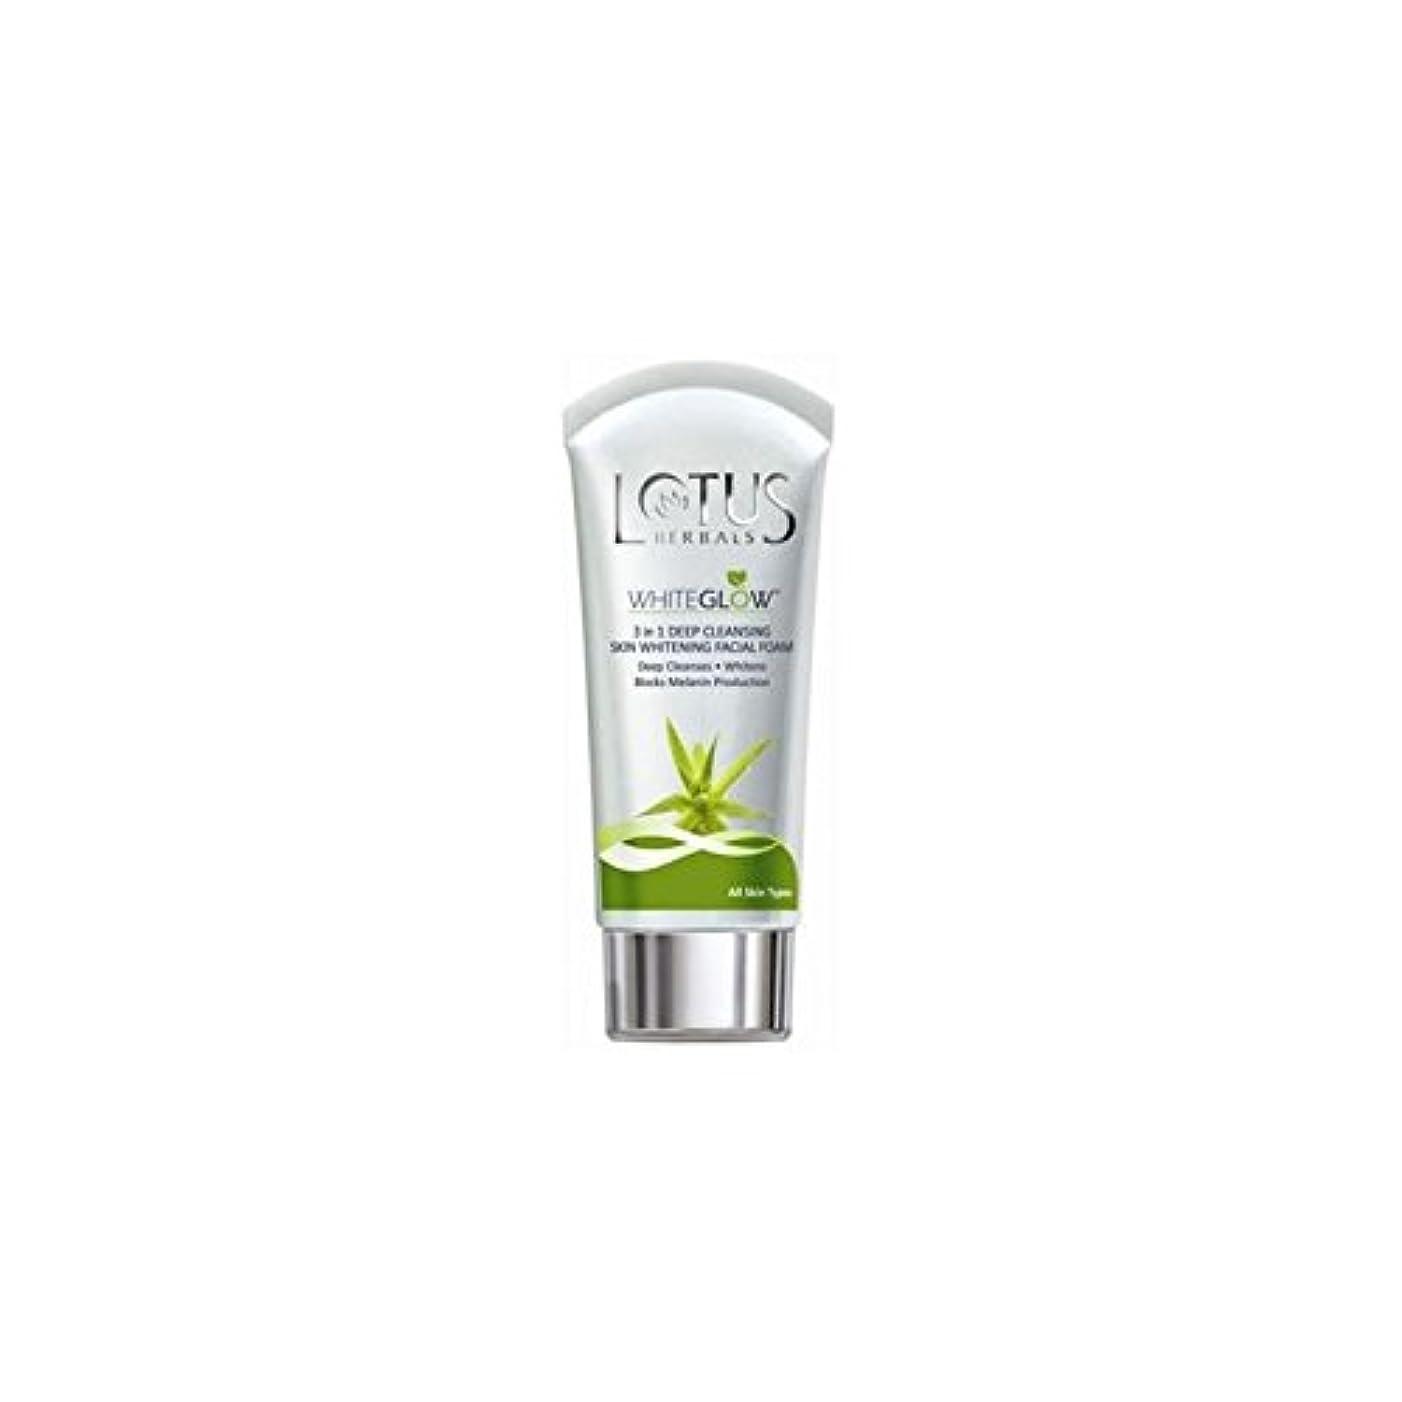 すみませんサーバント被害者Lotus Herbals 3-in-1 Deep Cleansing Skin Whitening Facial Foam - Whiteglow 50g